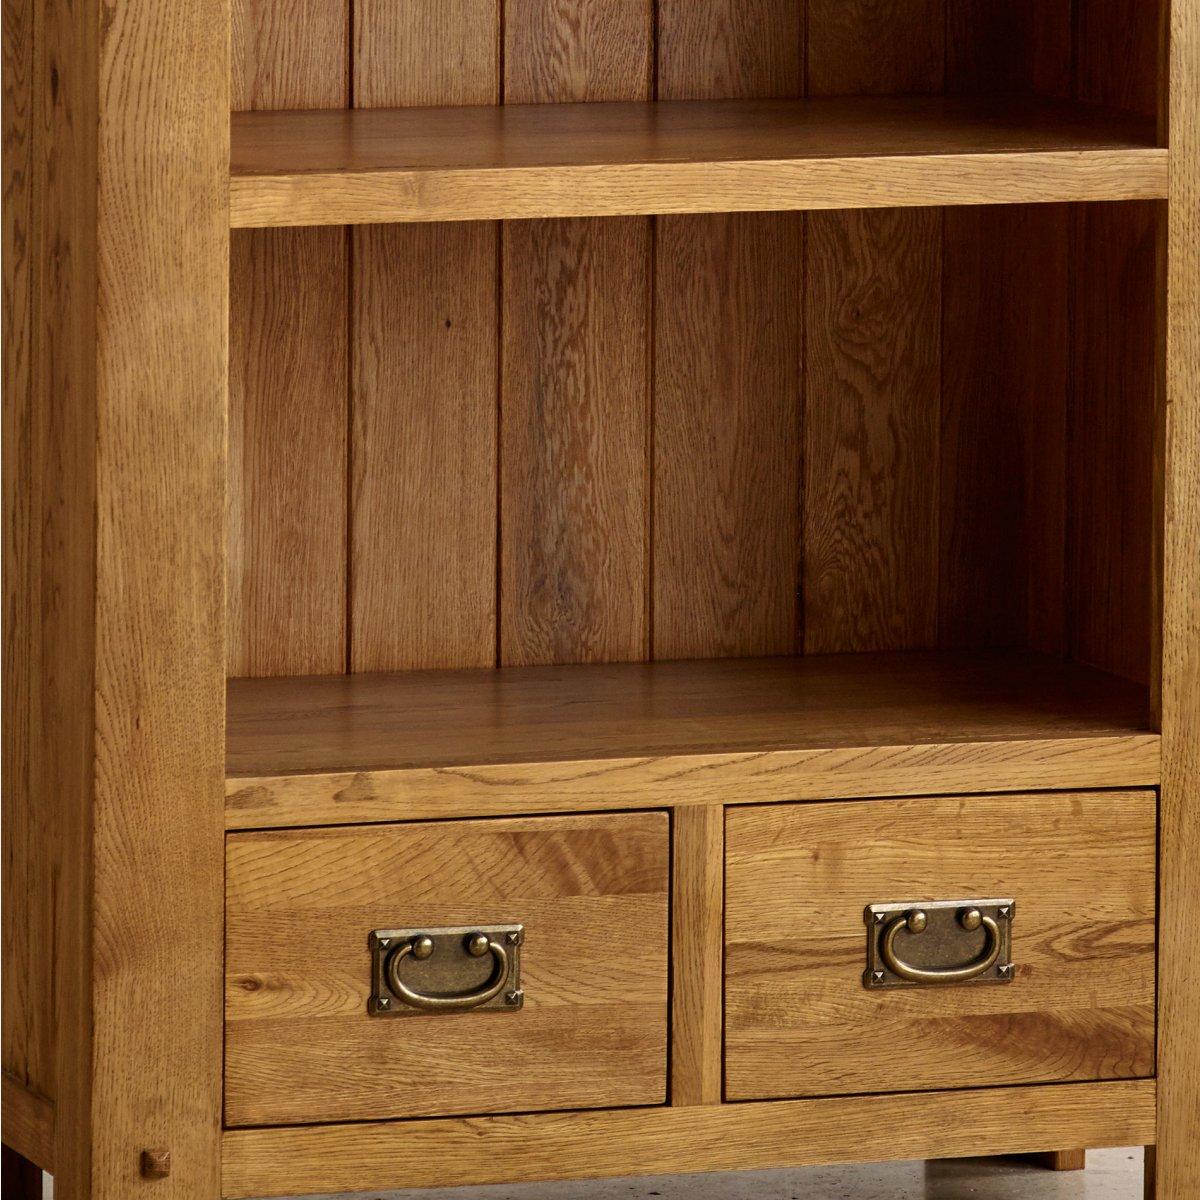 Quercus tall bookcase in rustic oak oak furniture land for Oak furniture land